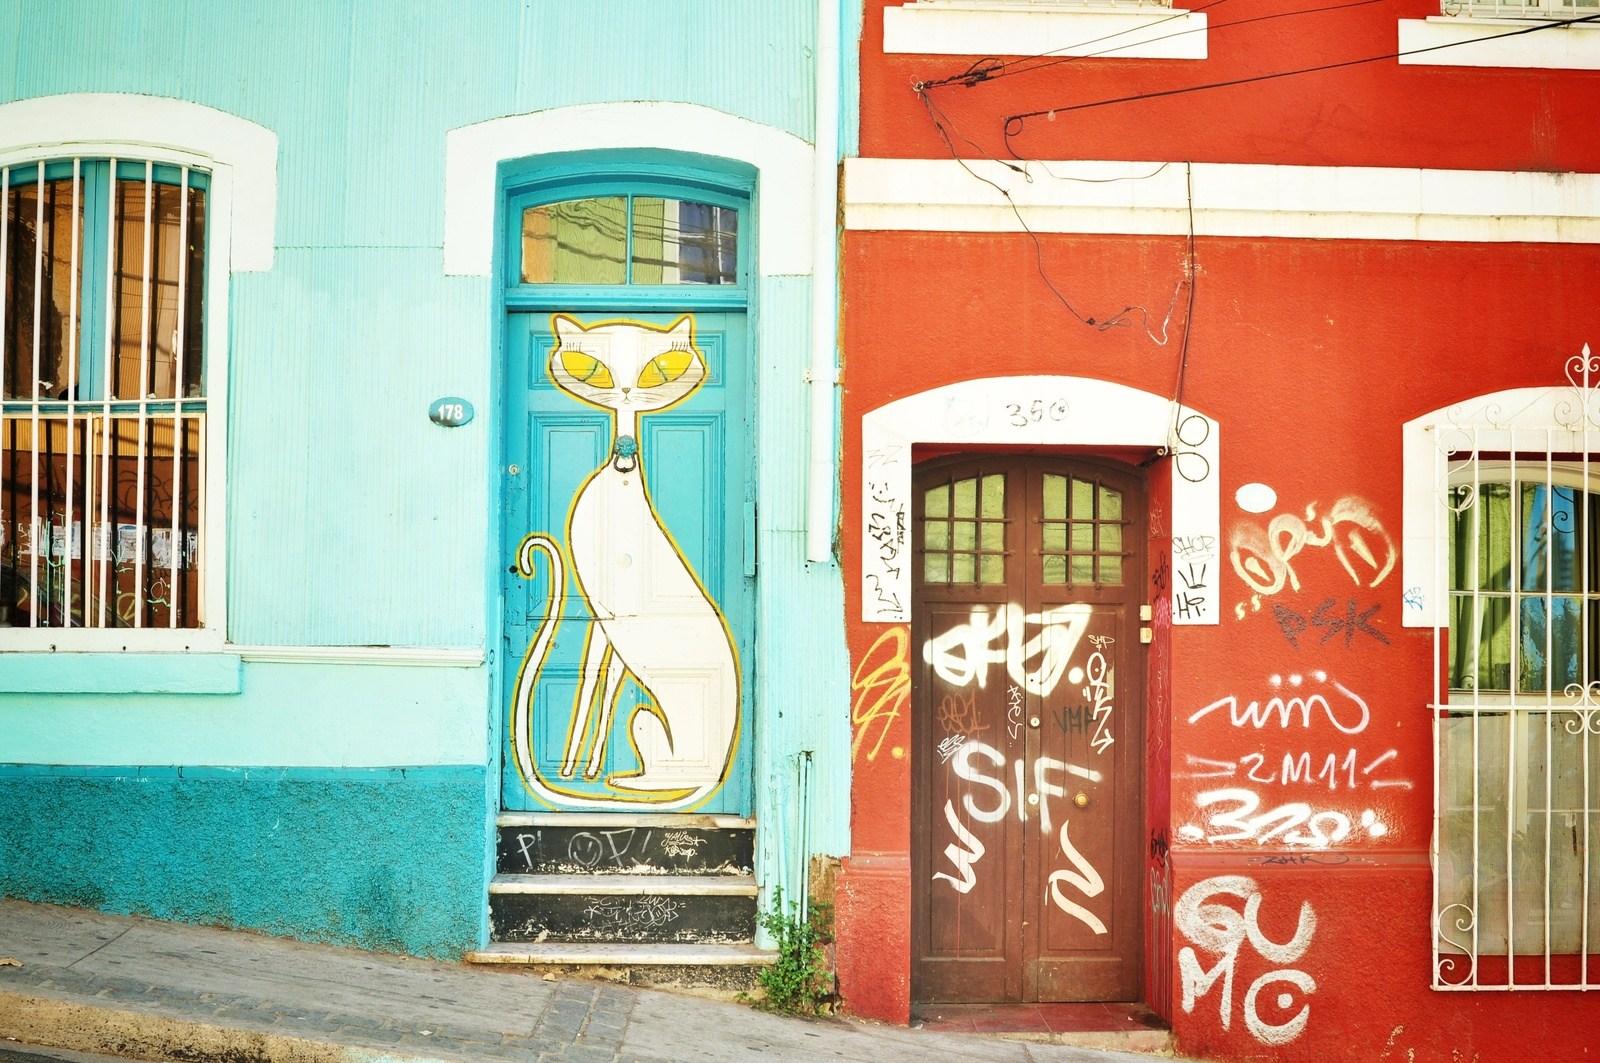 Valparaiso street art Valparaiso